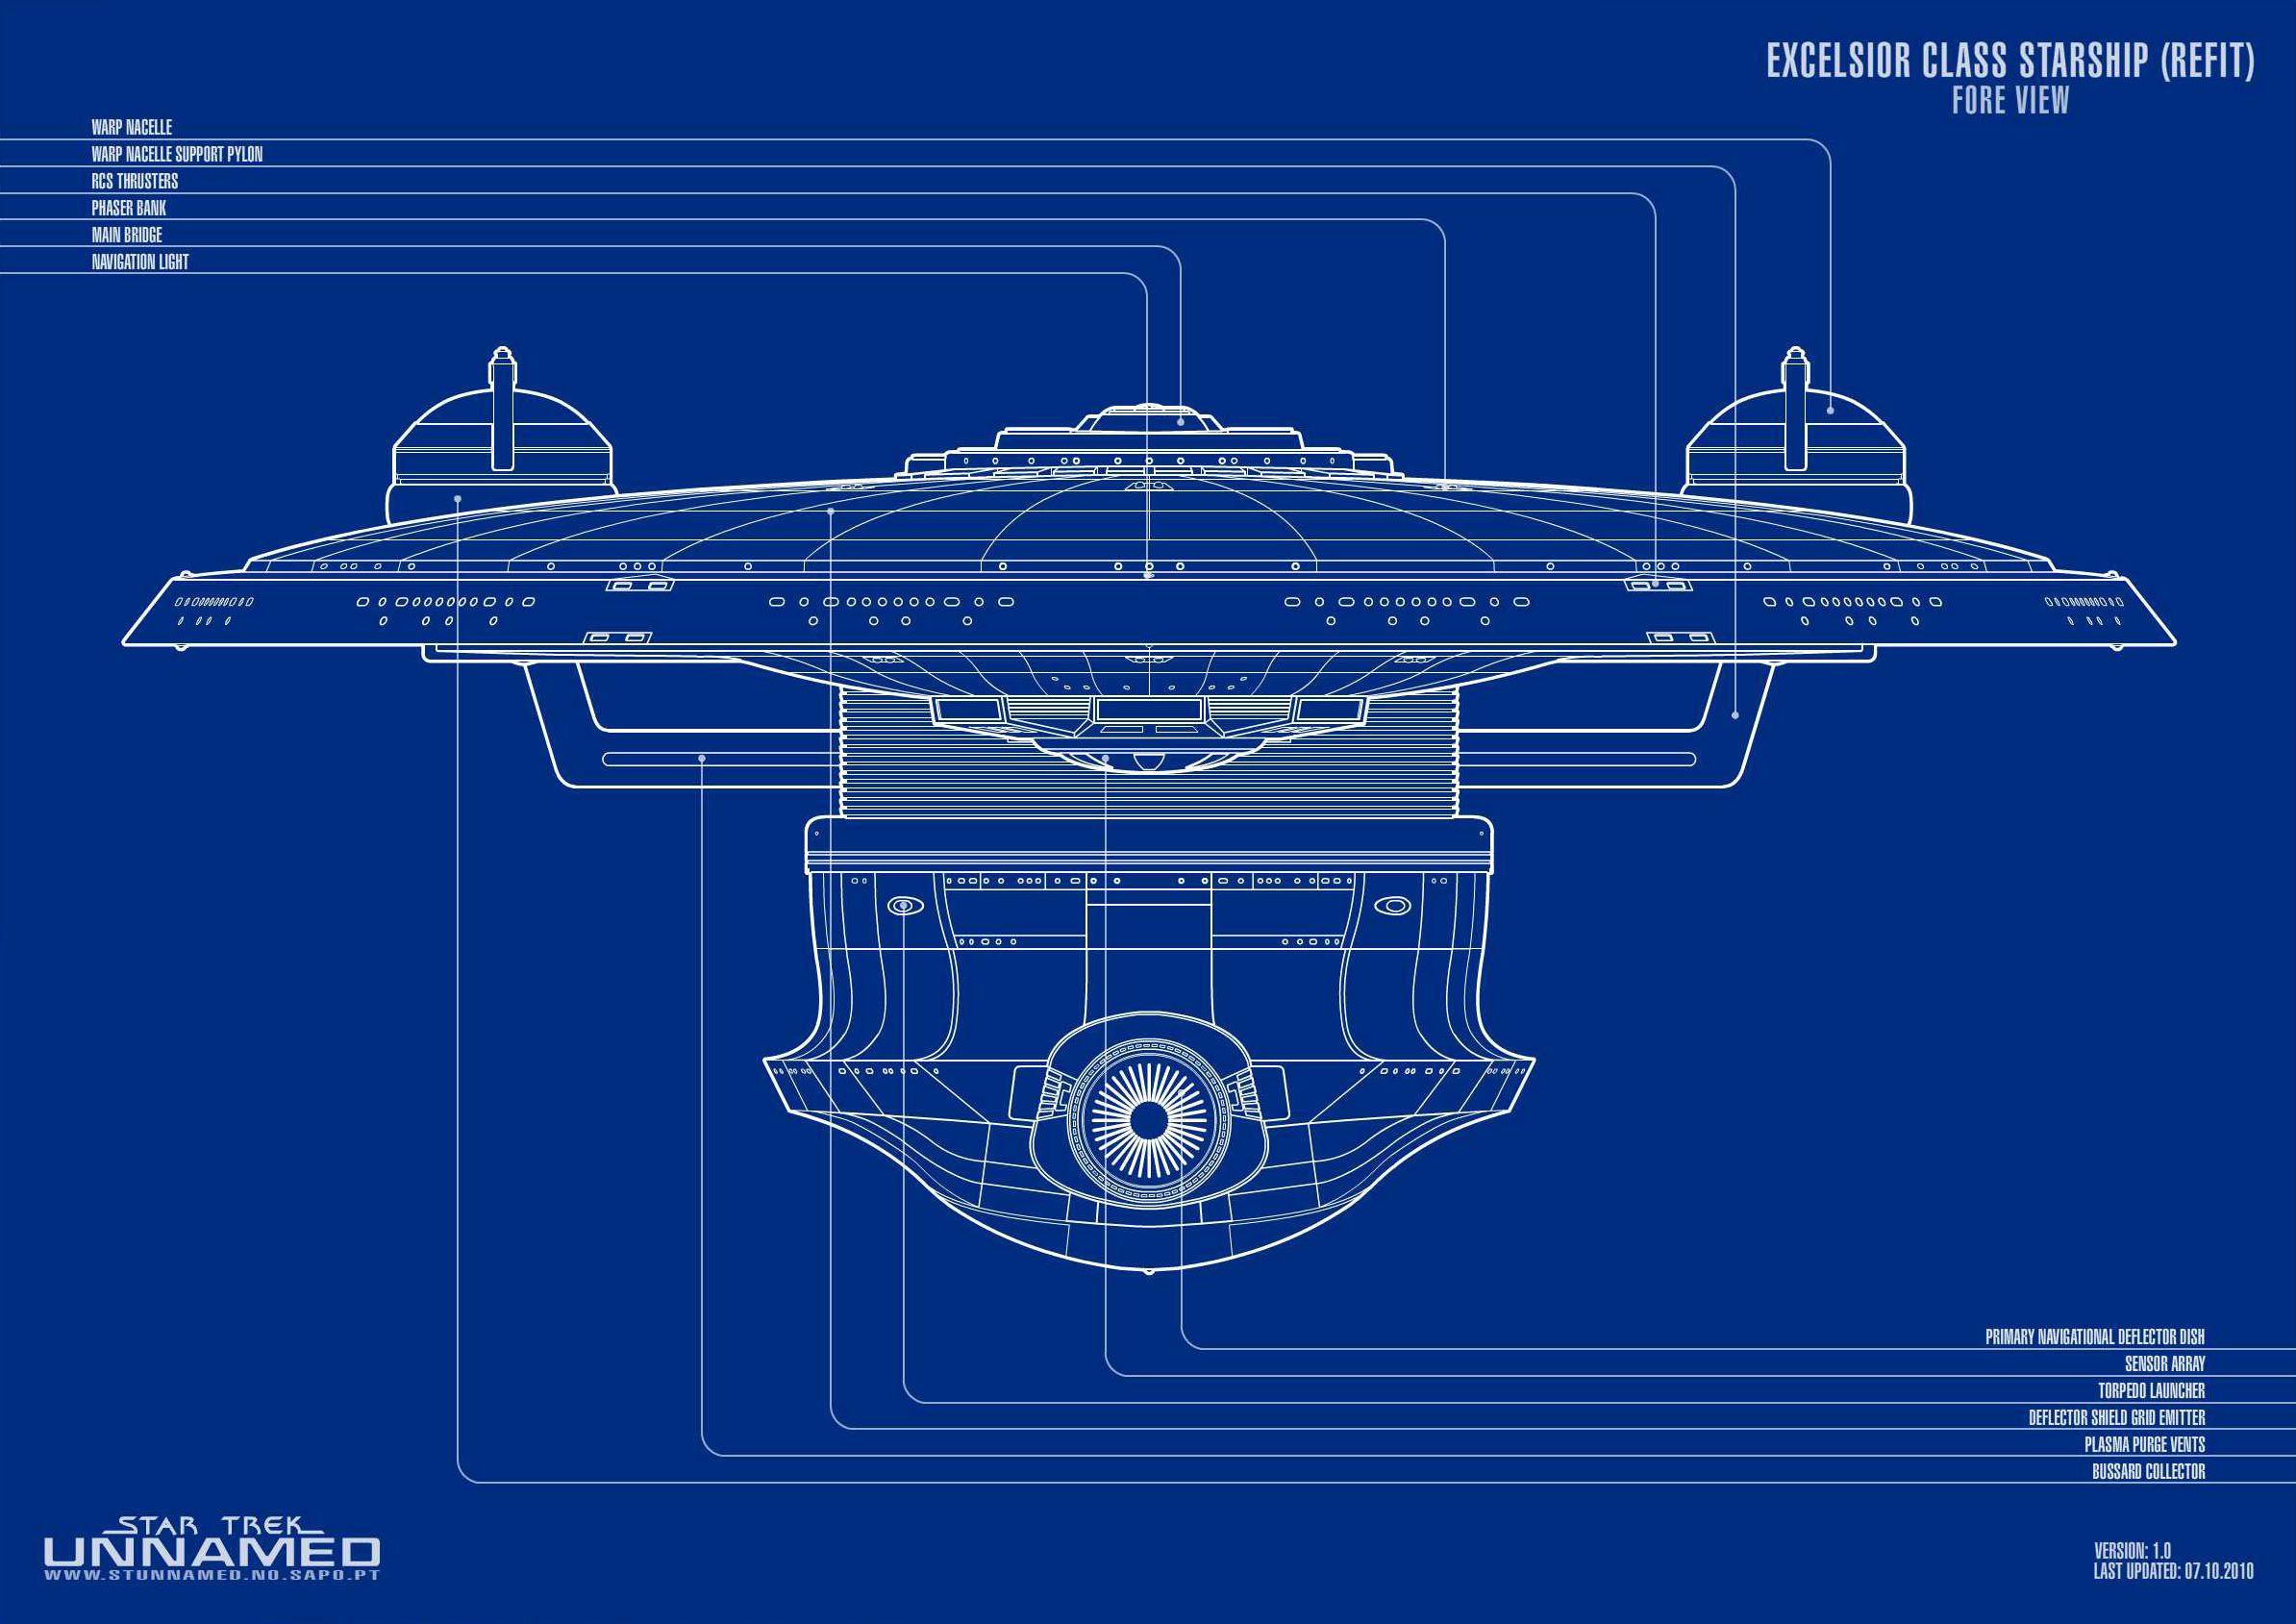 Excelsior class starship variants | STAR TREK Excelsior Class Starship